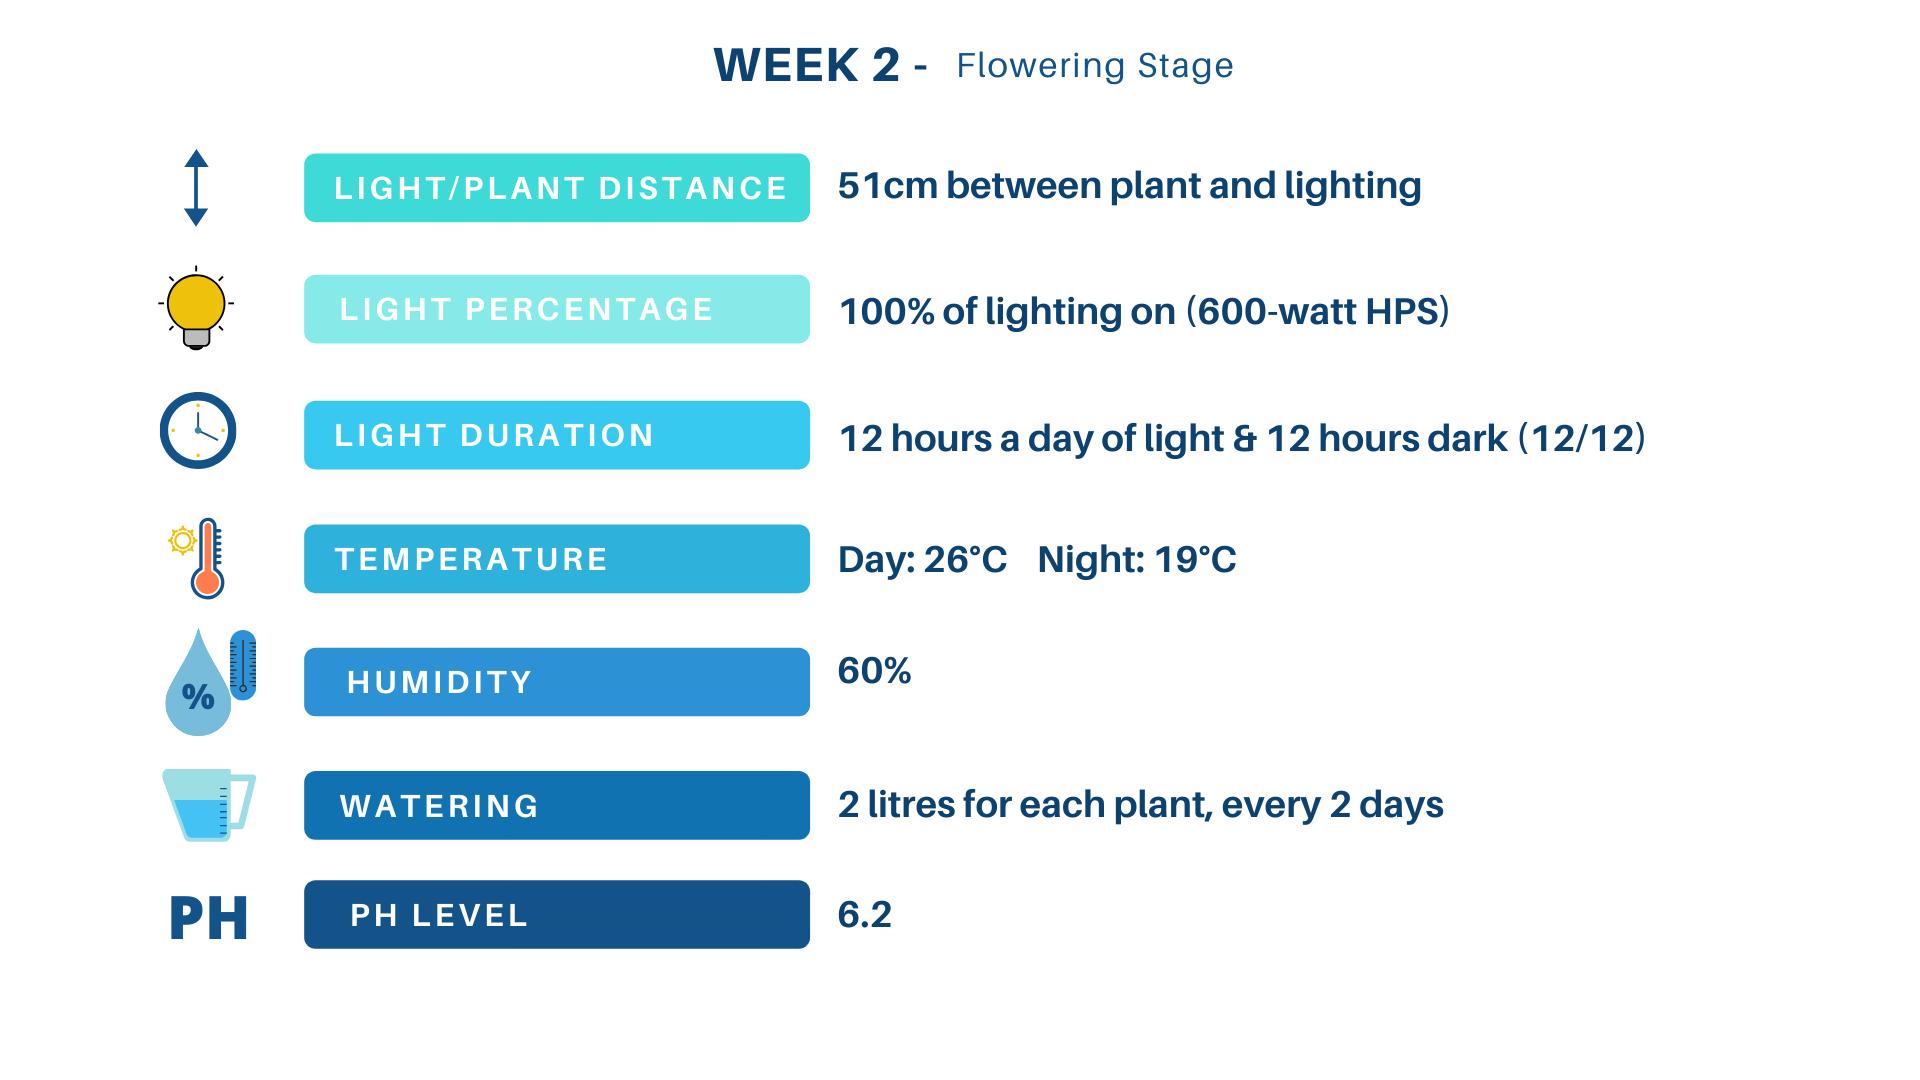 Grow schedule week 2 flowering stage